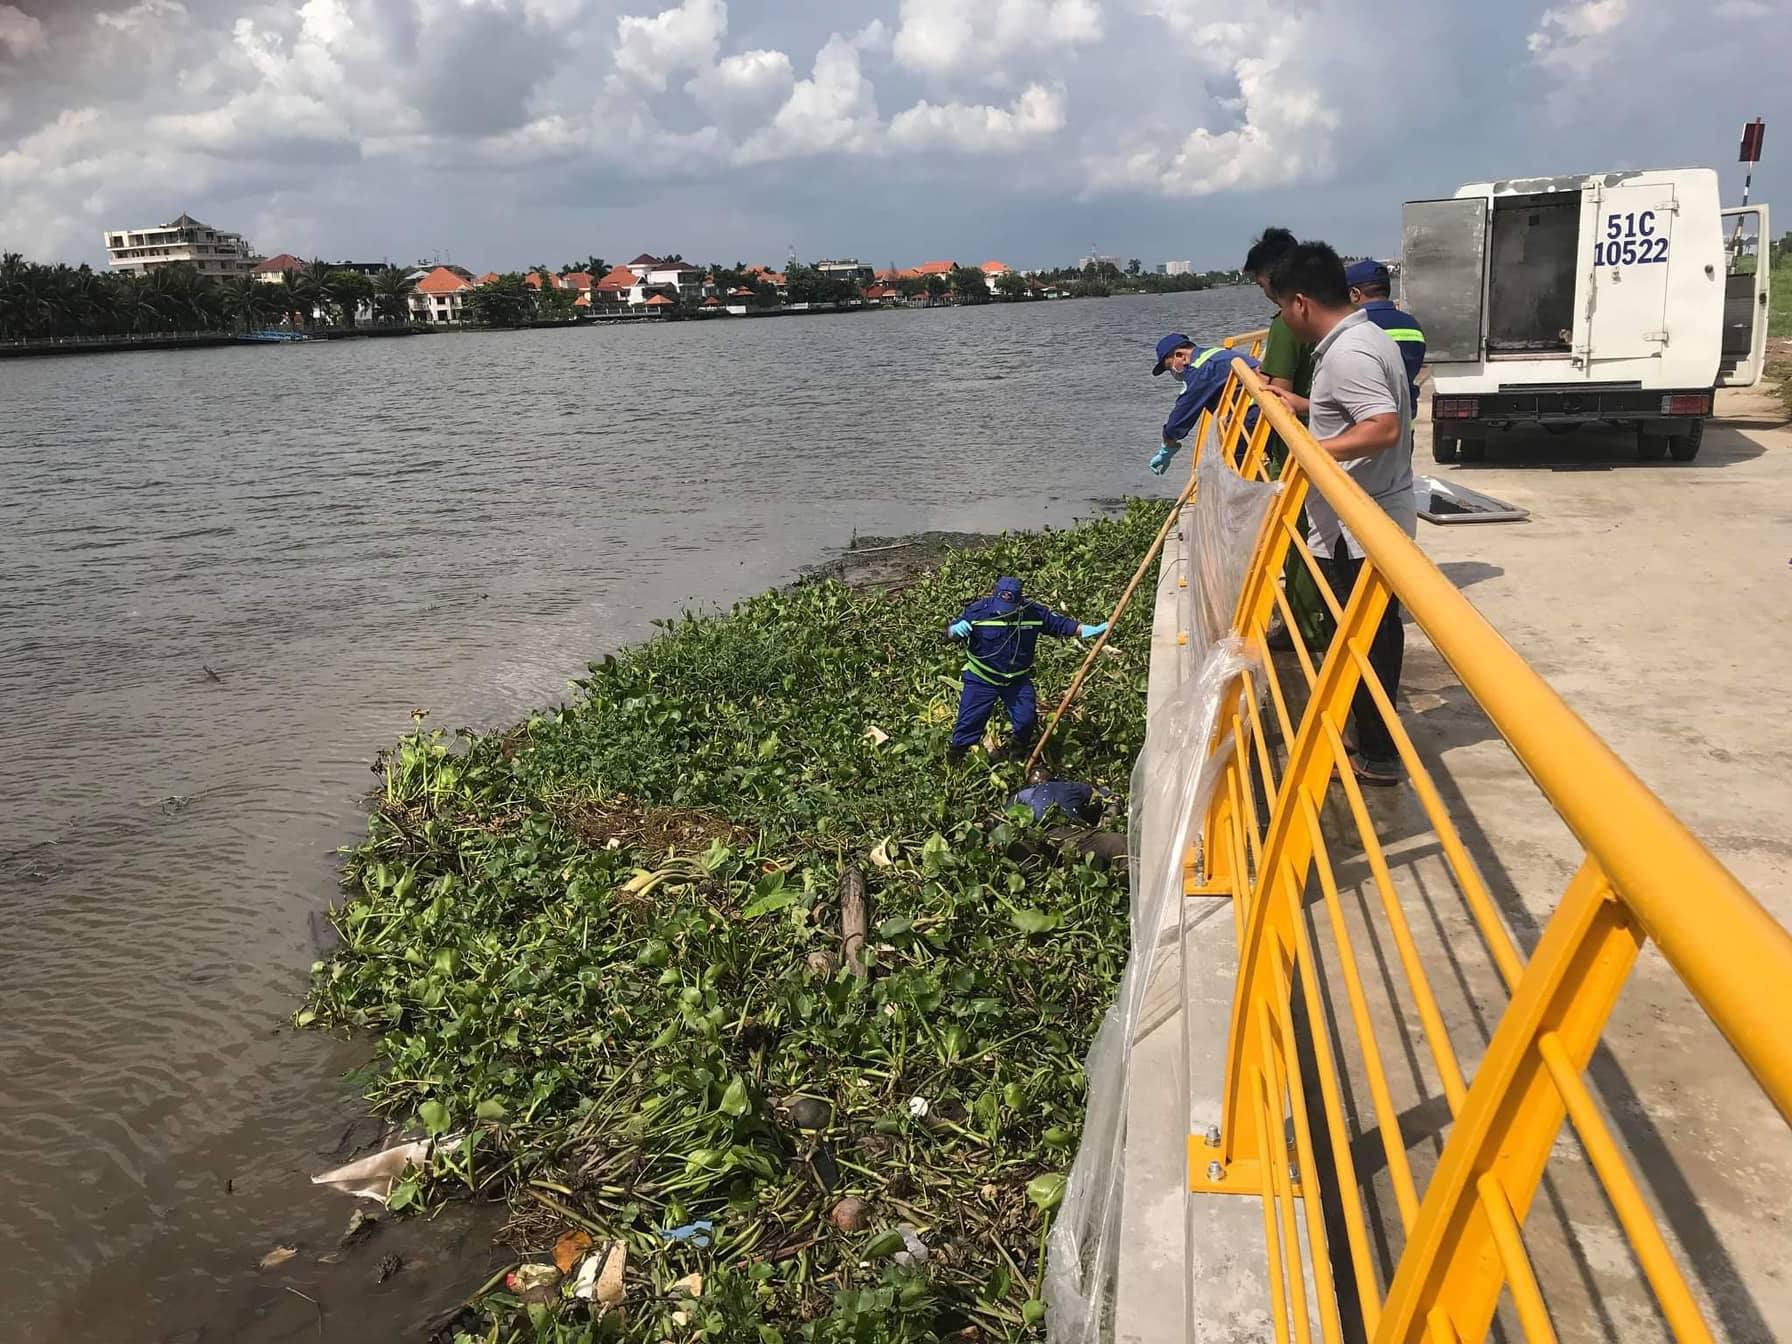 Cùng lúc phát hiện 2 thi thể nam giới trên sông Sài Gòn - Ảnh 1.